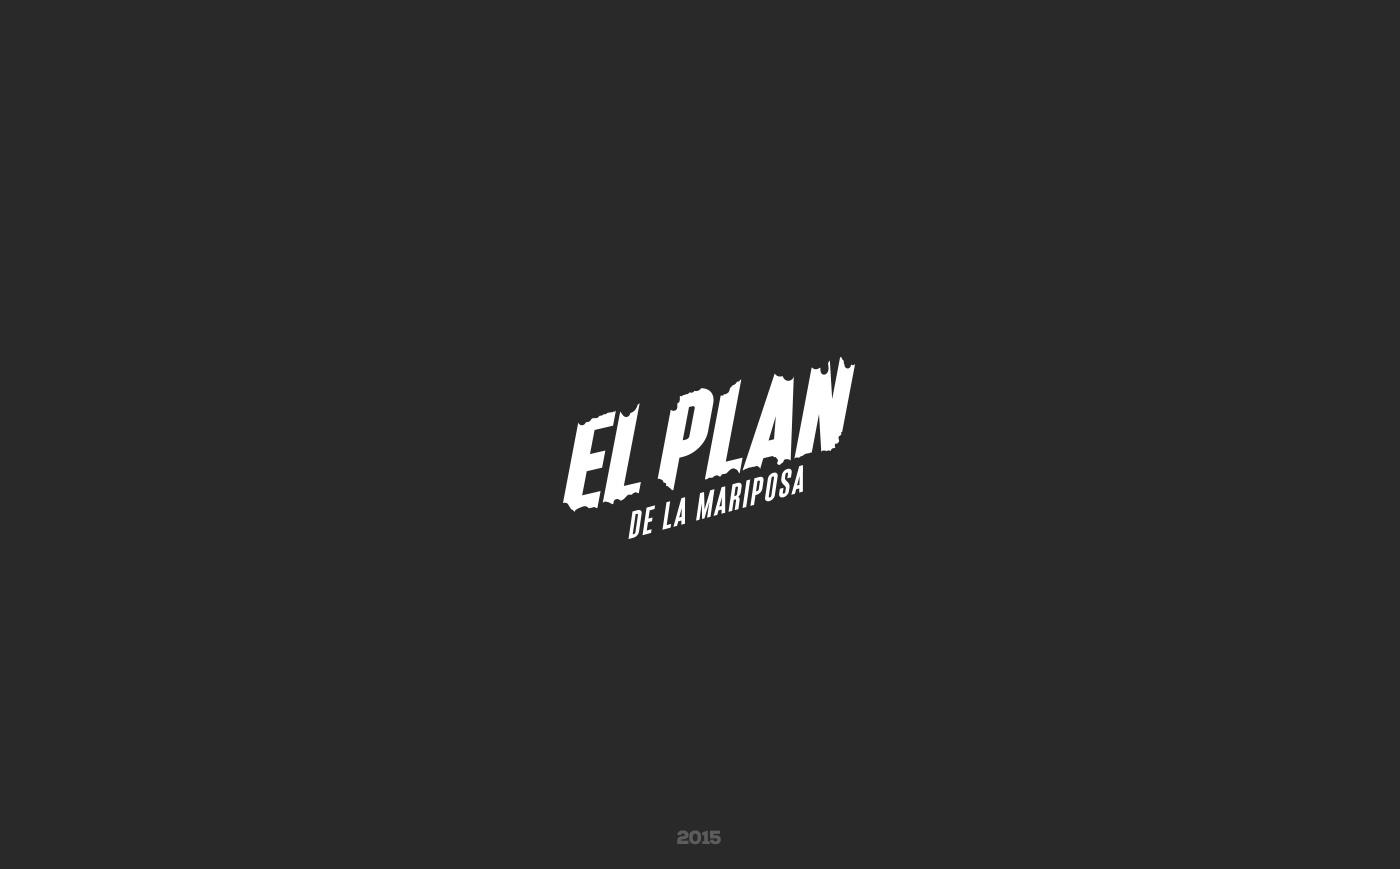 IDENTIDAD-EL-PLAN-DE-LA-MARIPOSA-2015-03